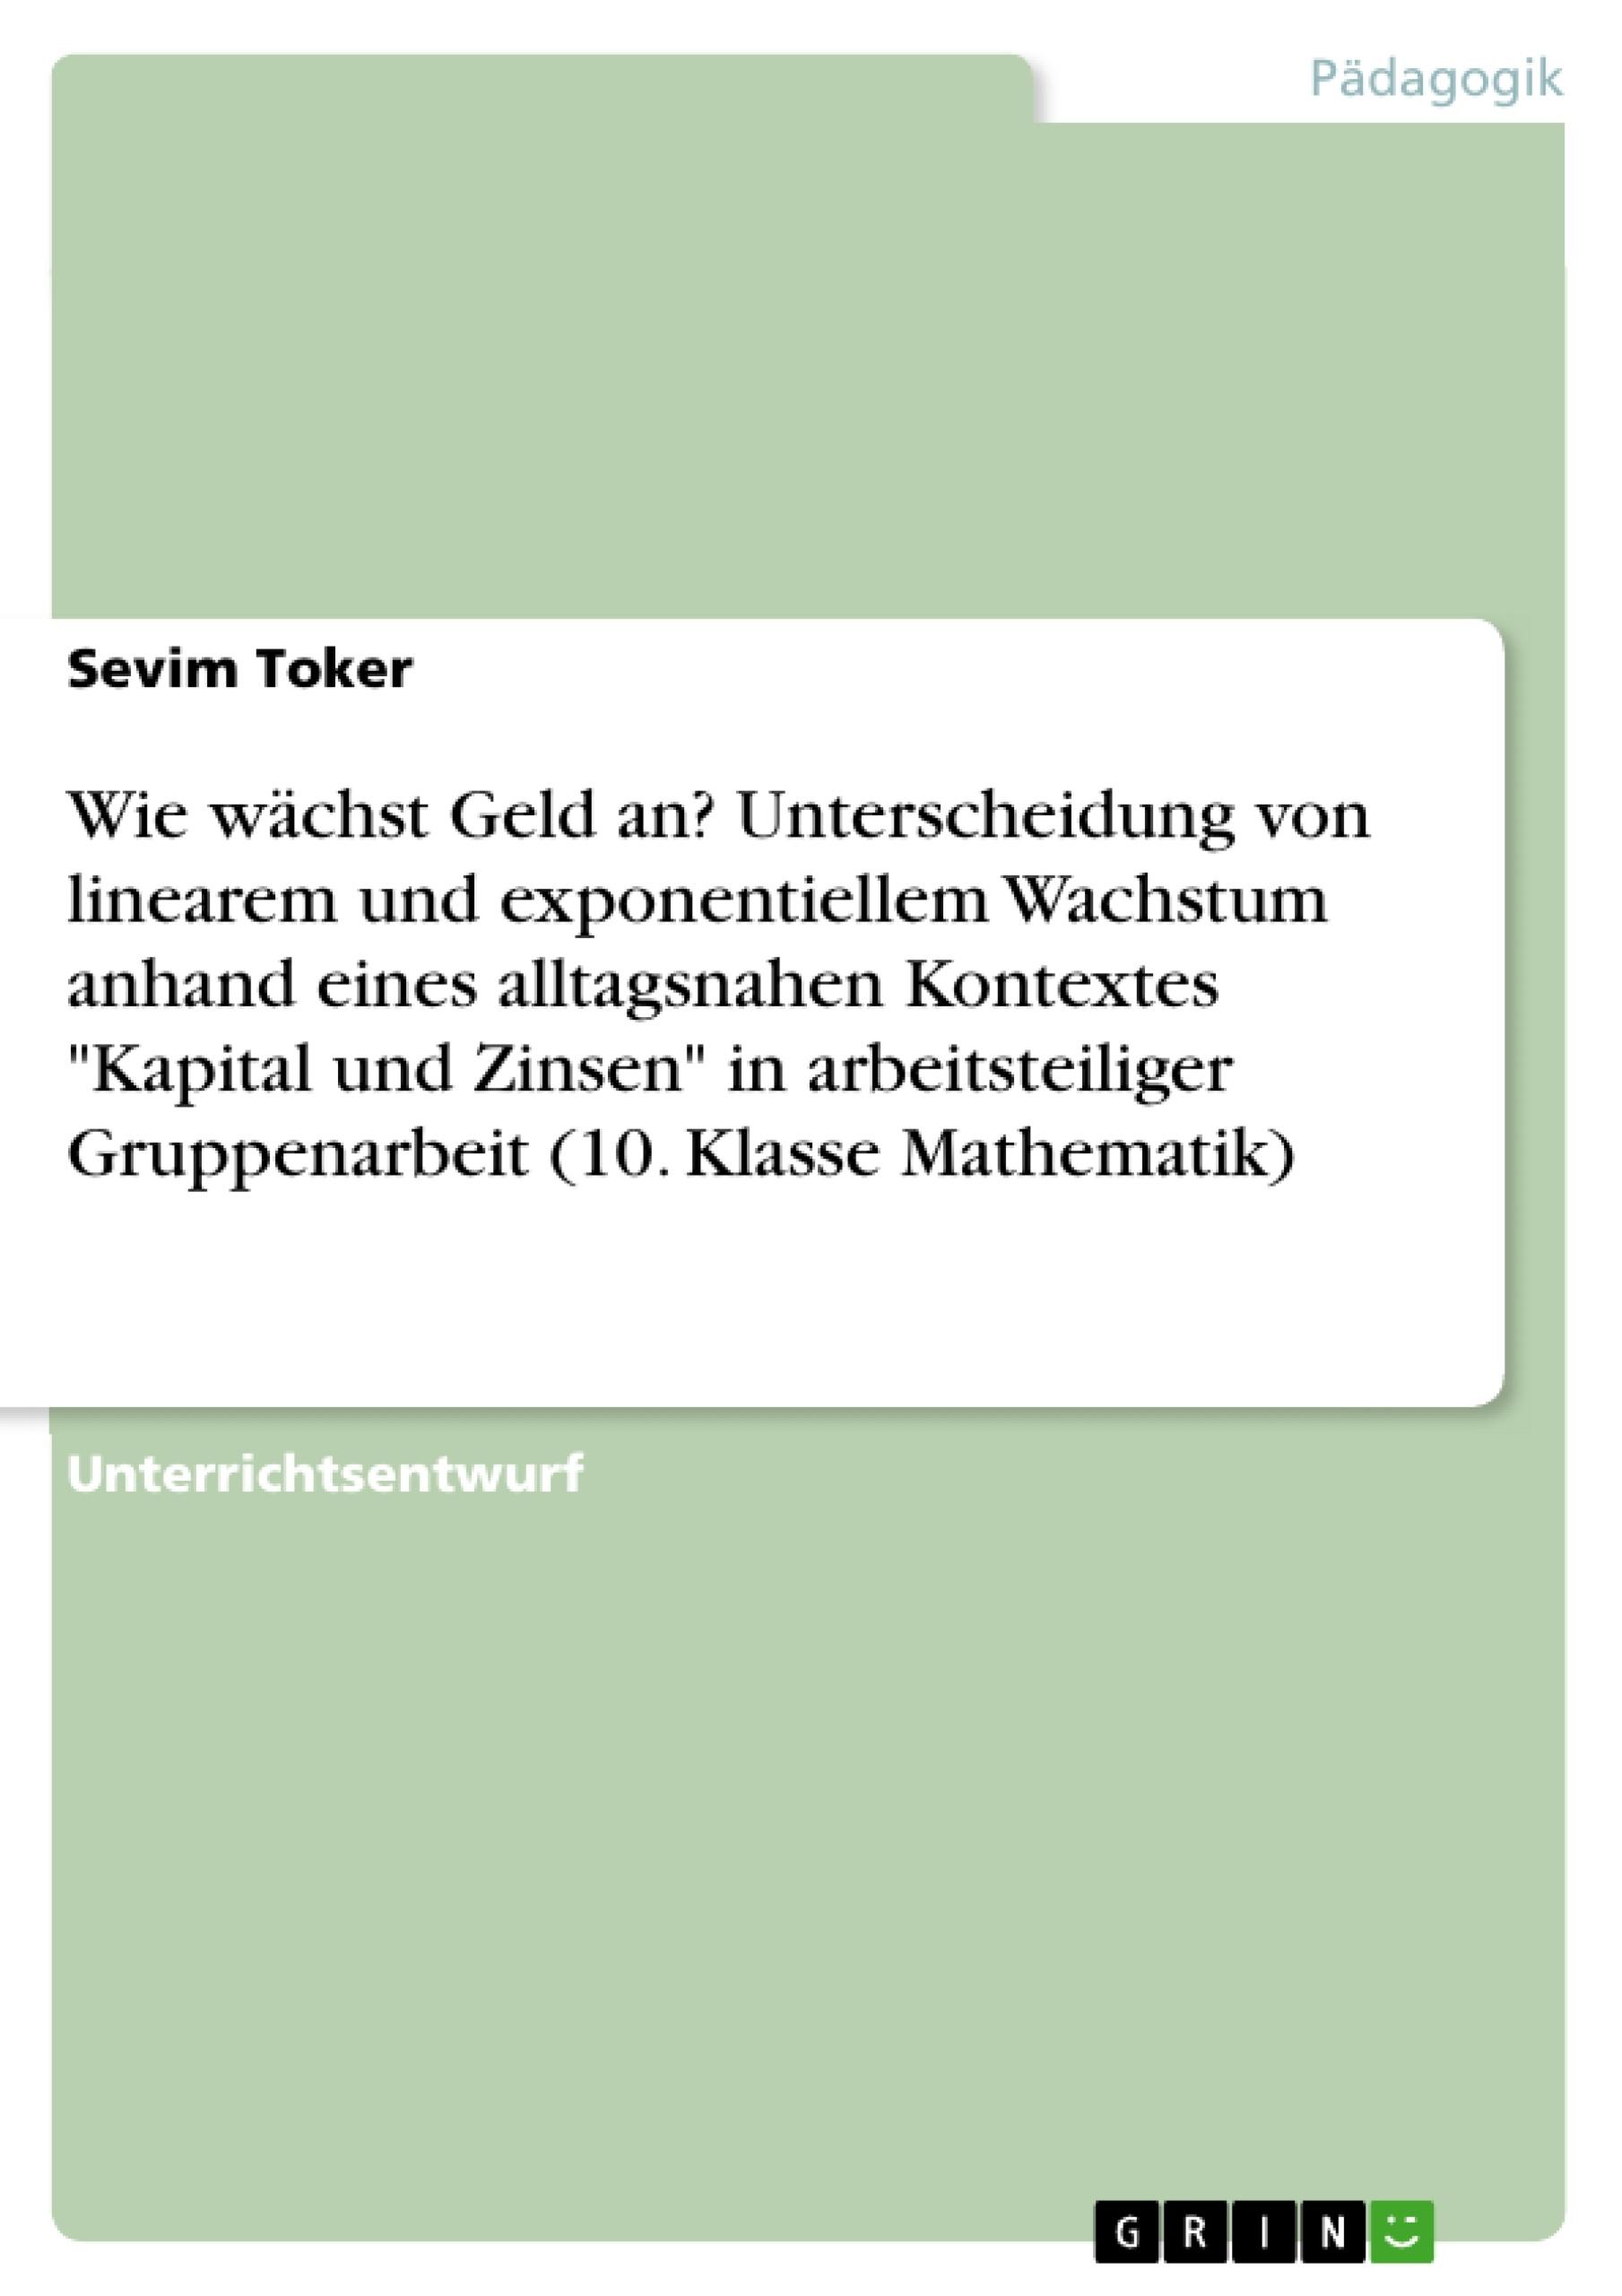 """Titel: Wie wächst Geld an? Unterscheidung von linearem und exponentiellem Wachstum anhand eines alltagsnahen Kontextes """"Kapital und Zinsen"""" in arbeitsteiliger Gruppenarbeit (10. Klasse Mathematik)"""